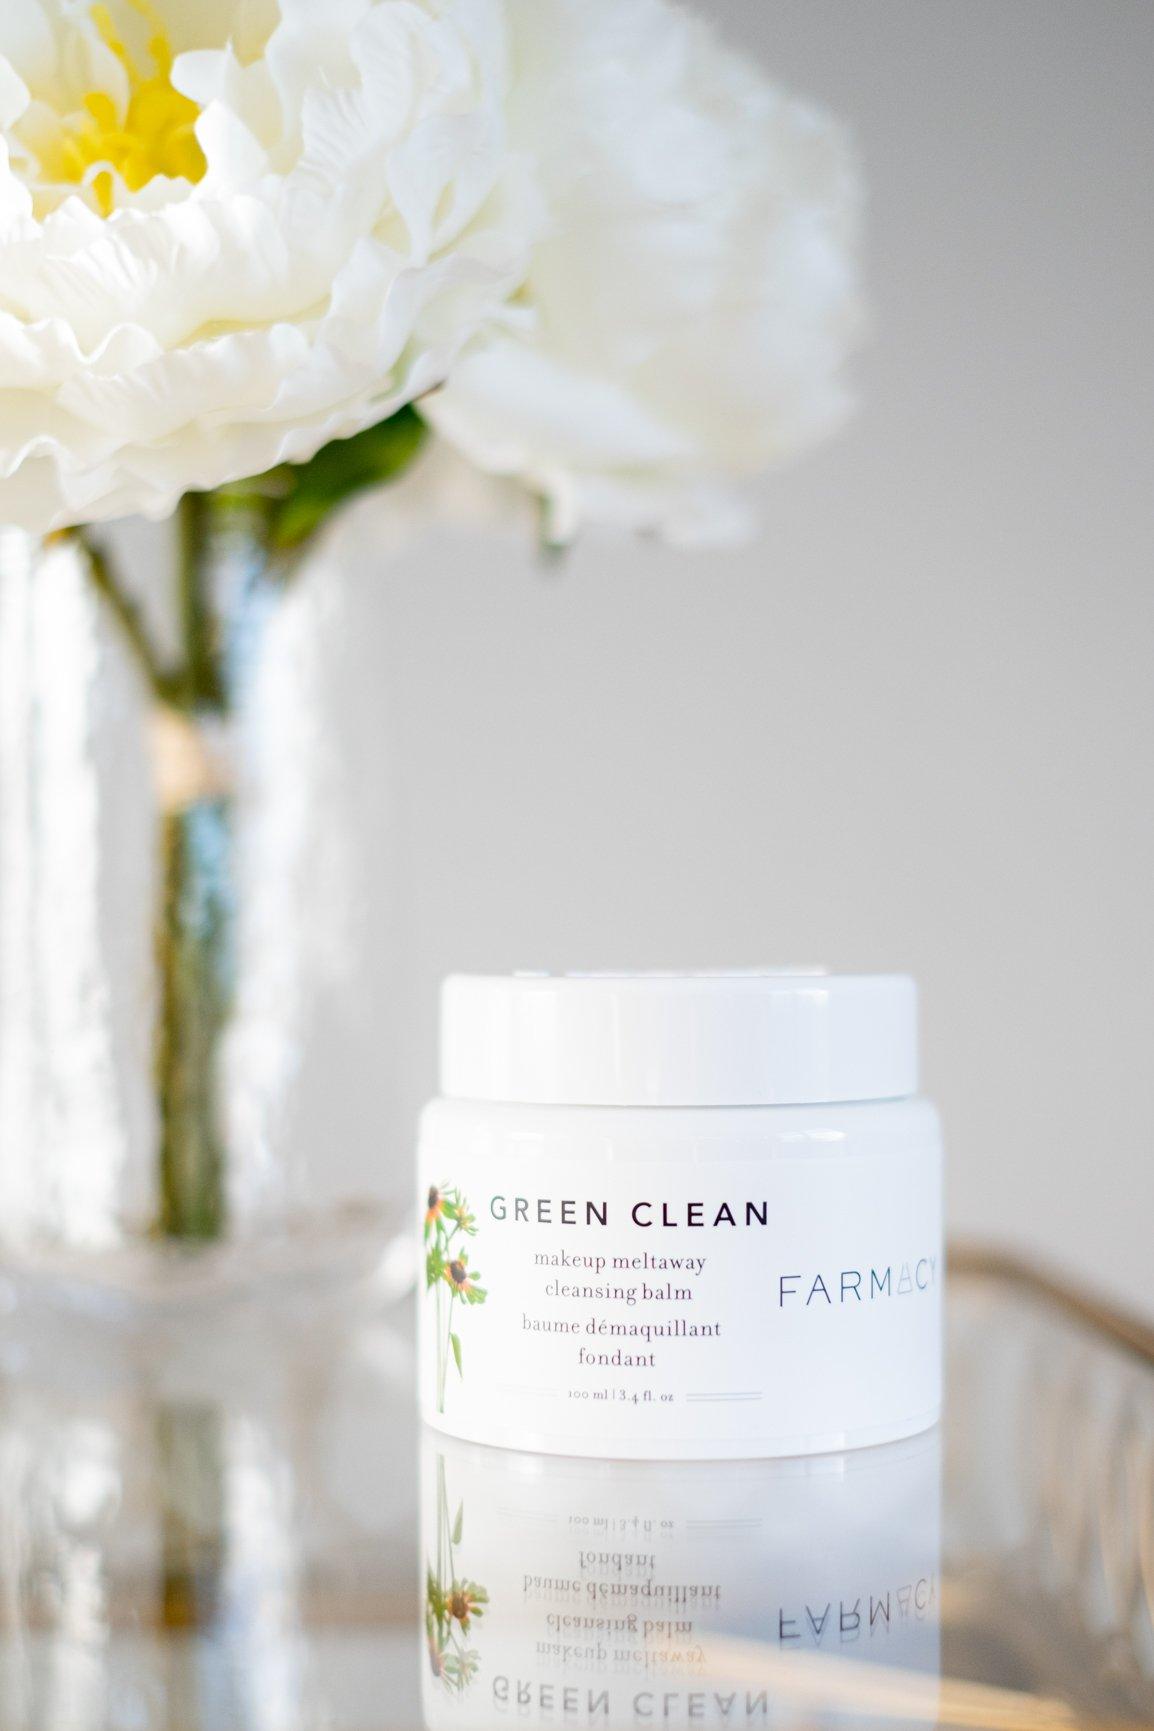 Green Clean from Farmacy Beauty